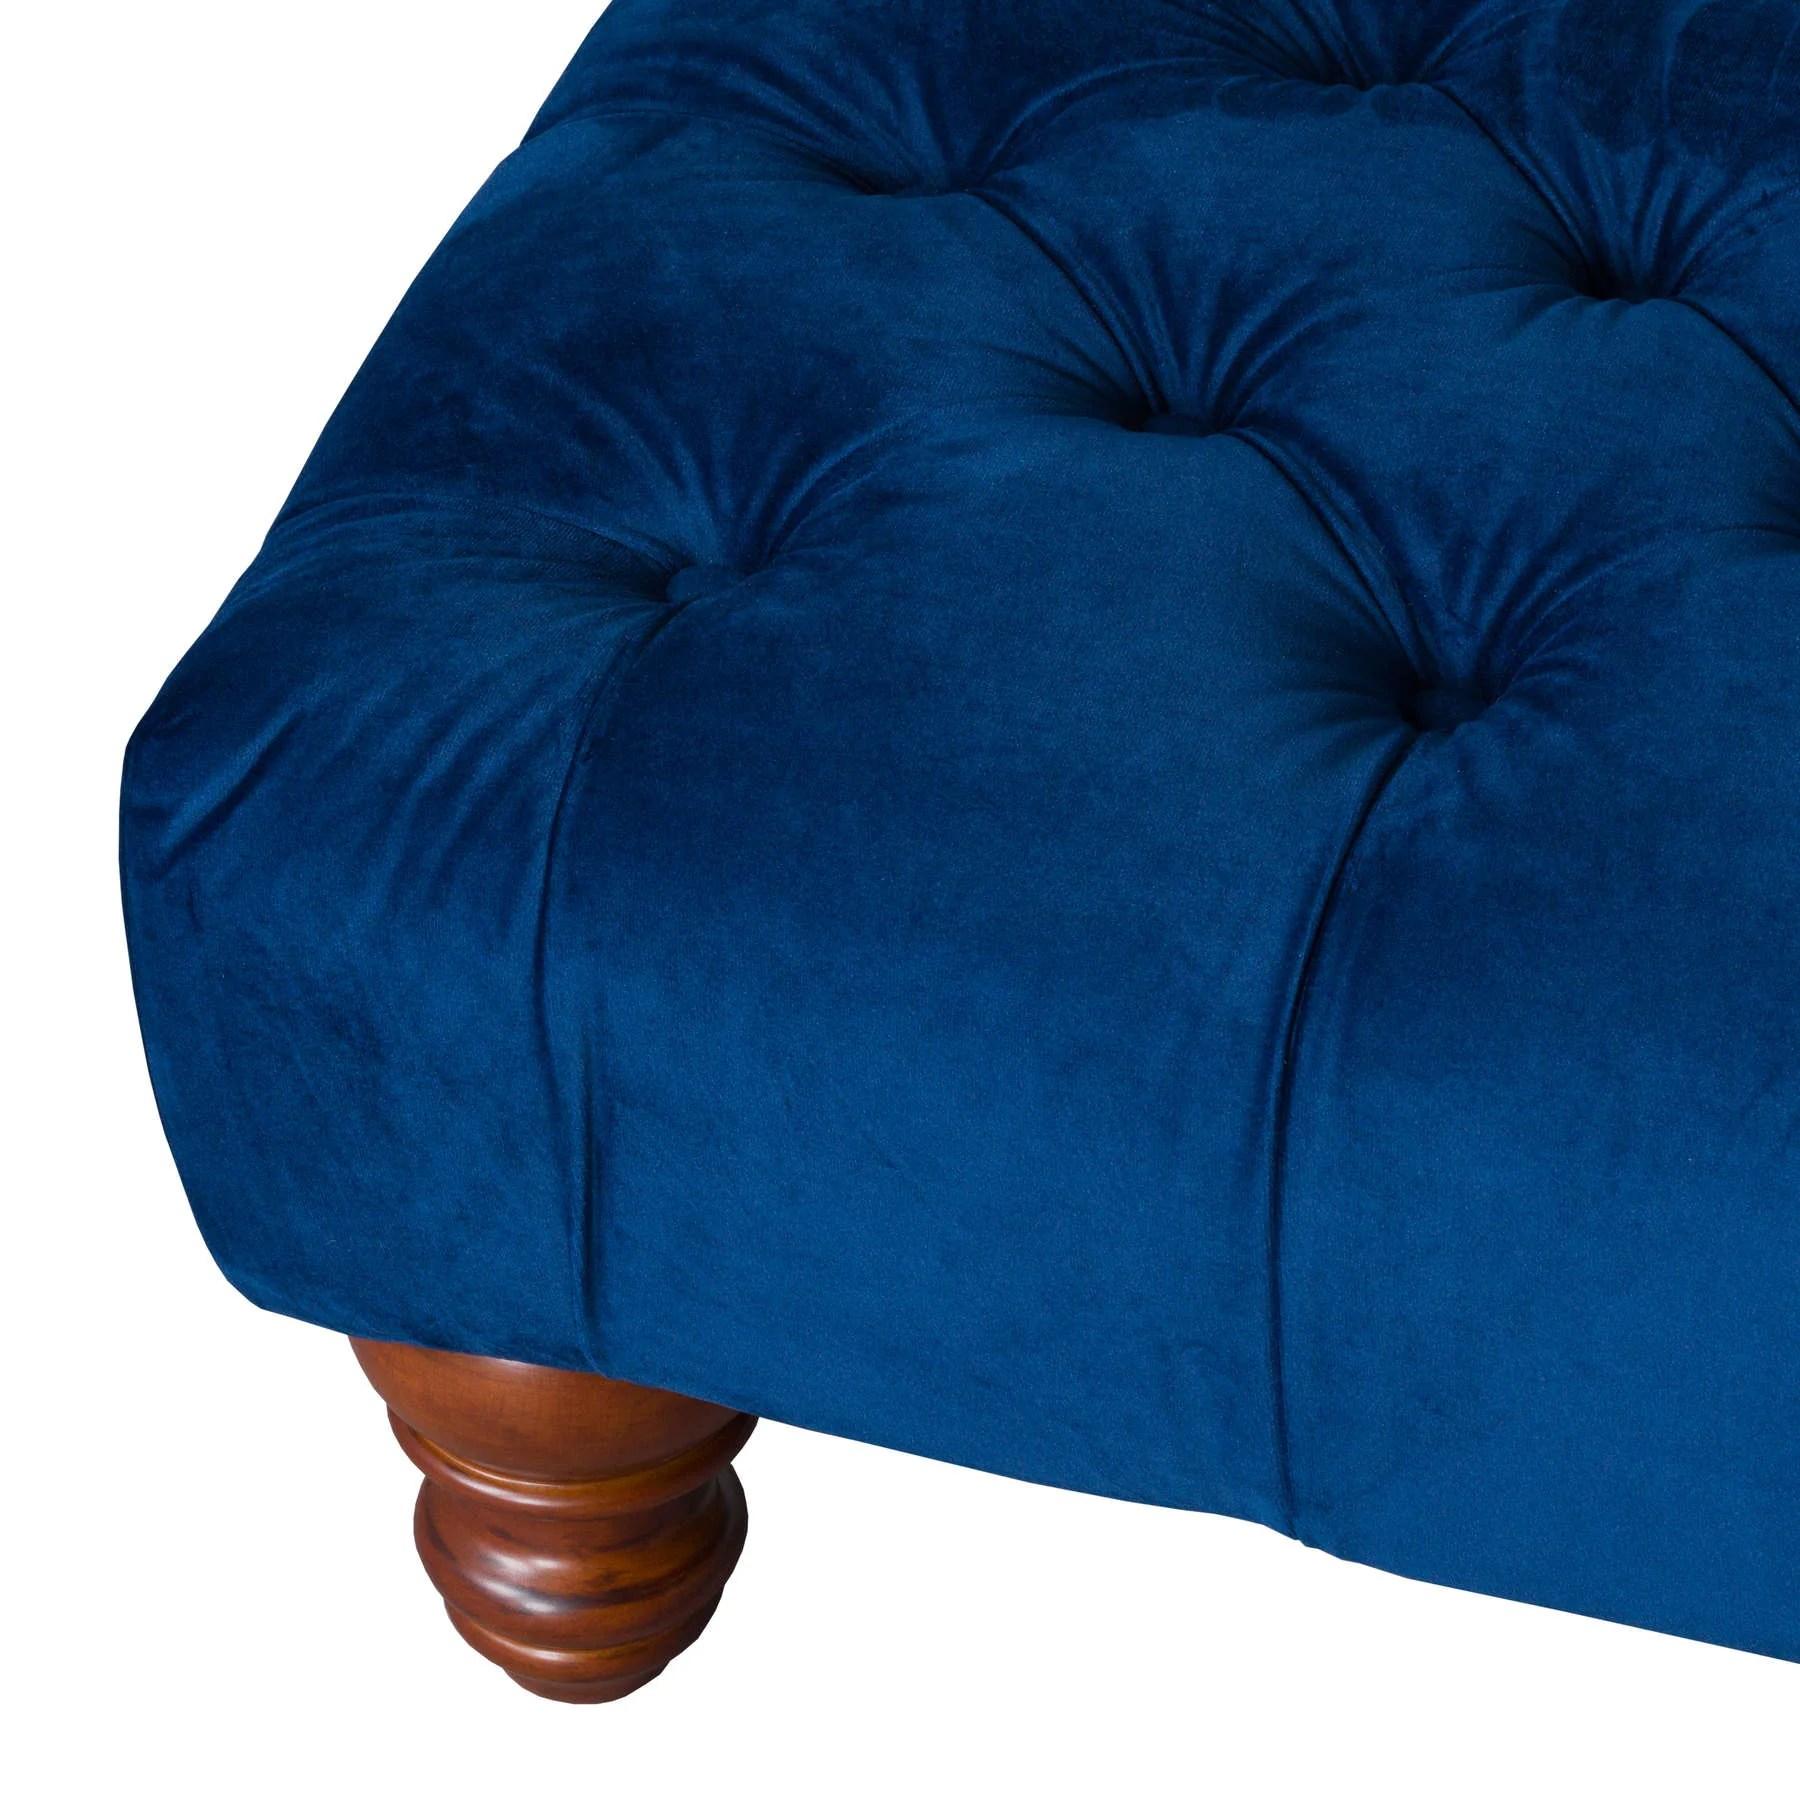 navy blue velvet tufted rectangle ottoman